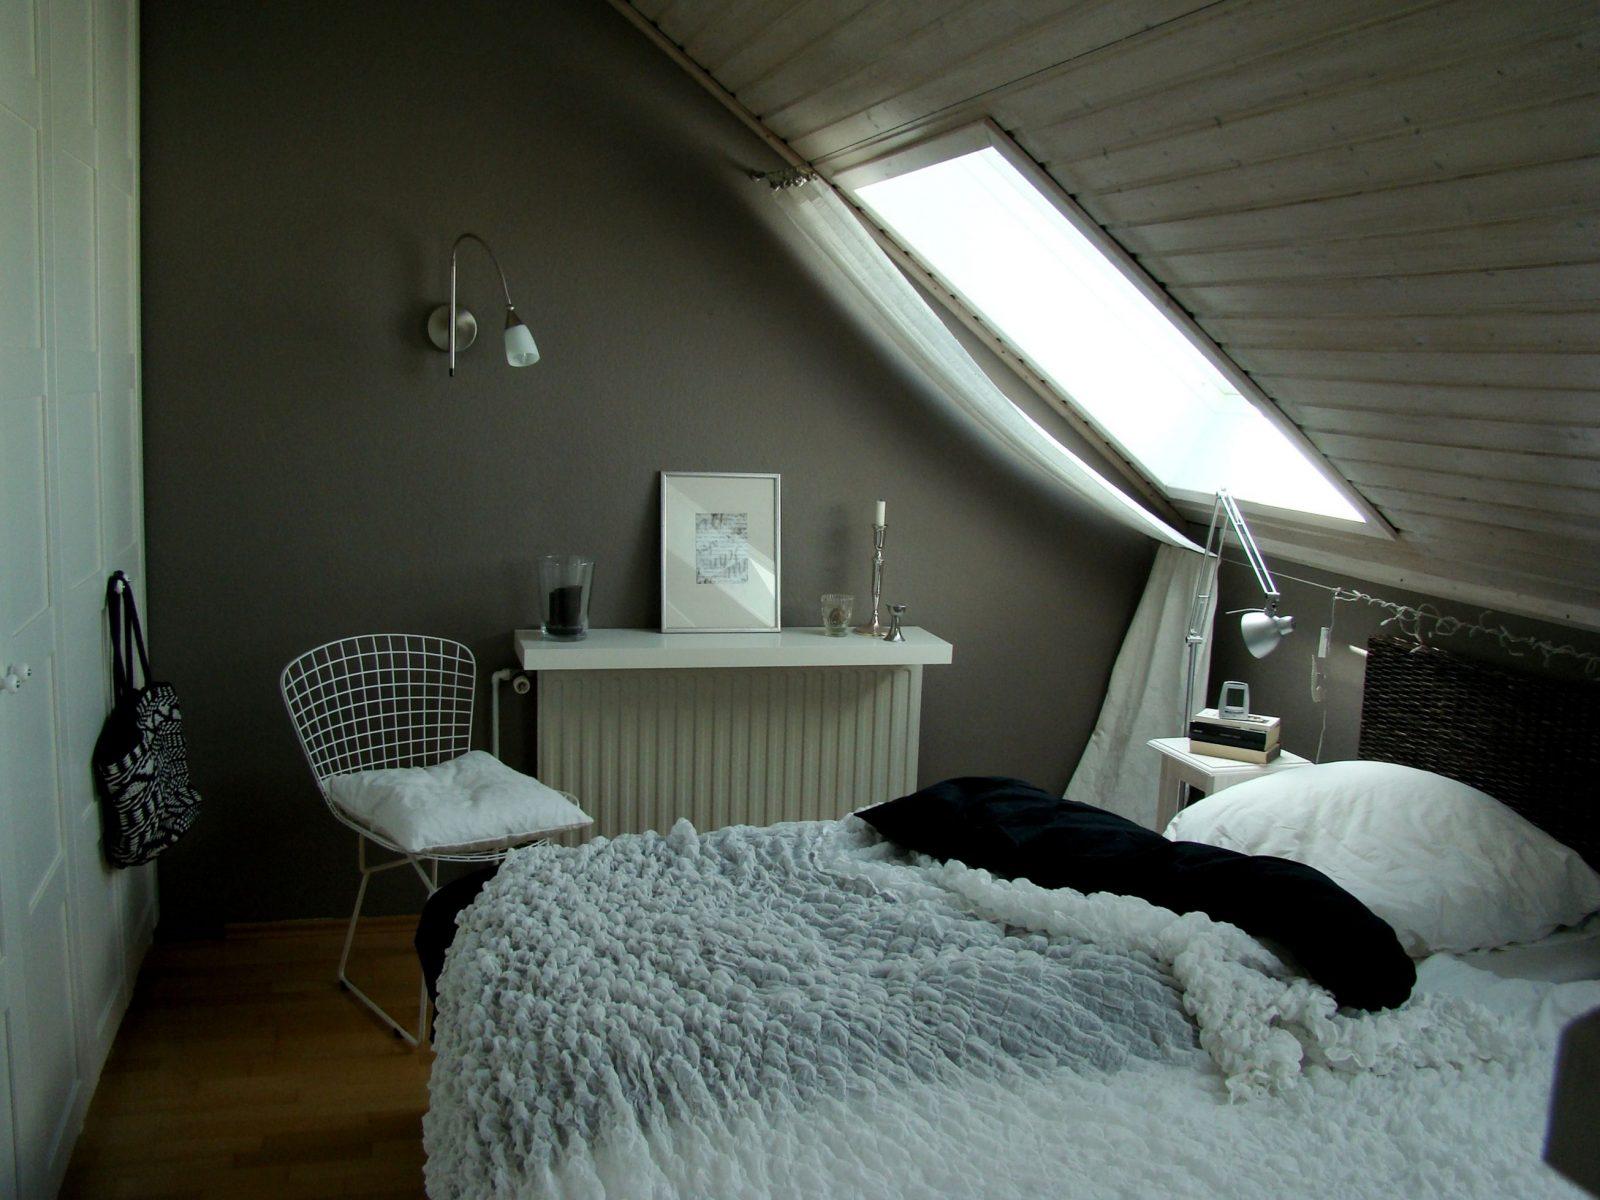 Mein Schlafzimmer In 2019  Bedroom  Schlafzimmer Dachschräge von Einrichtungsideen Schlafzimmer Mit Dachschräge Photo